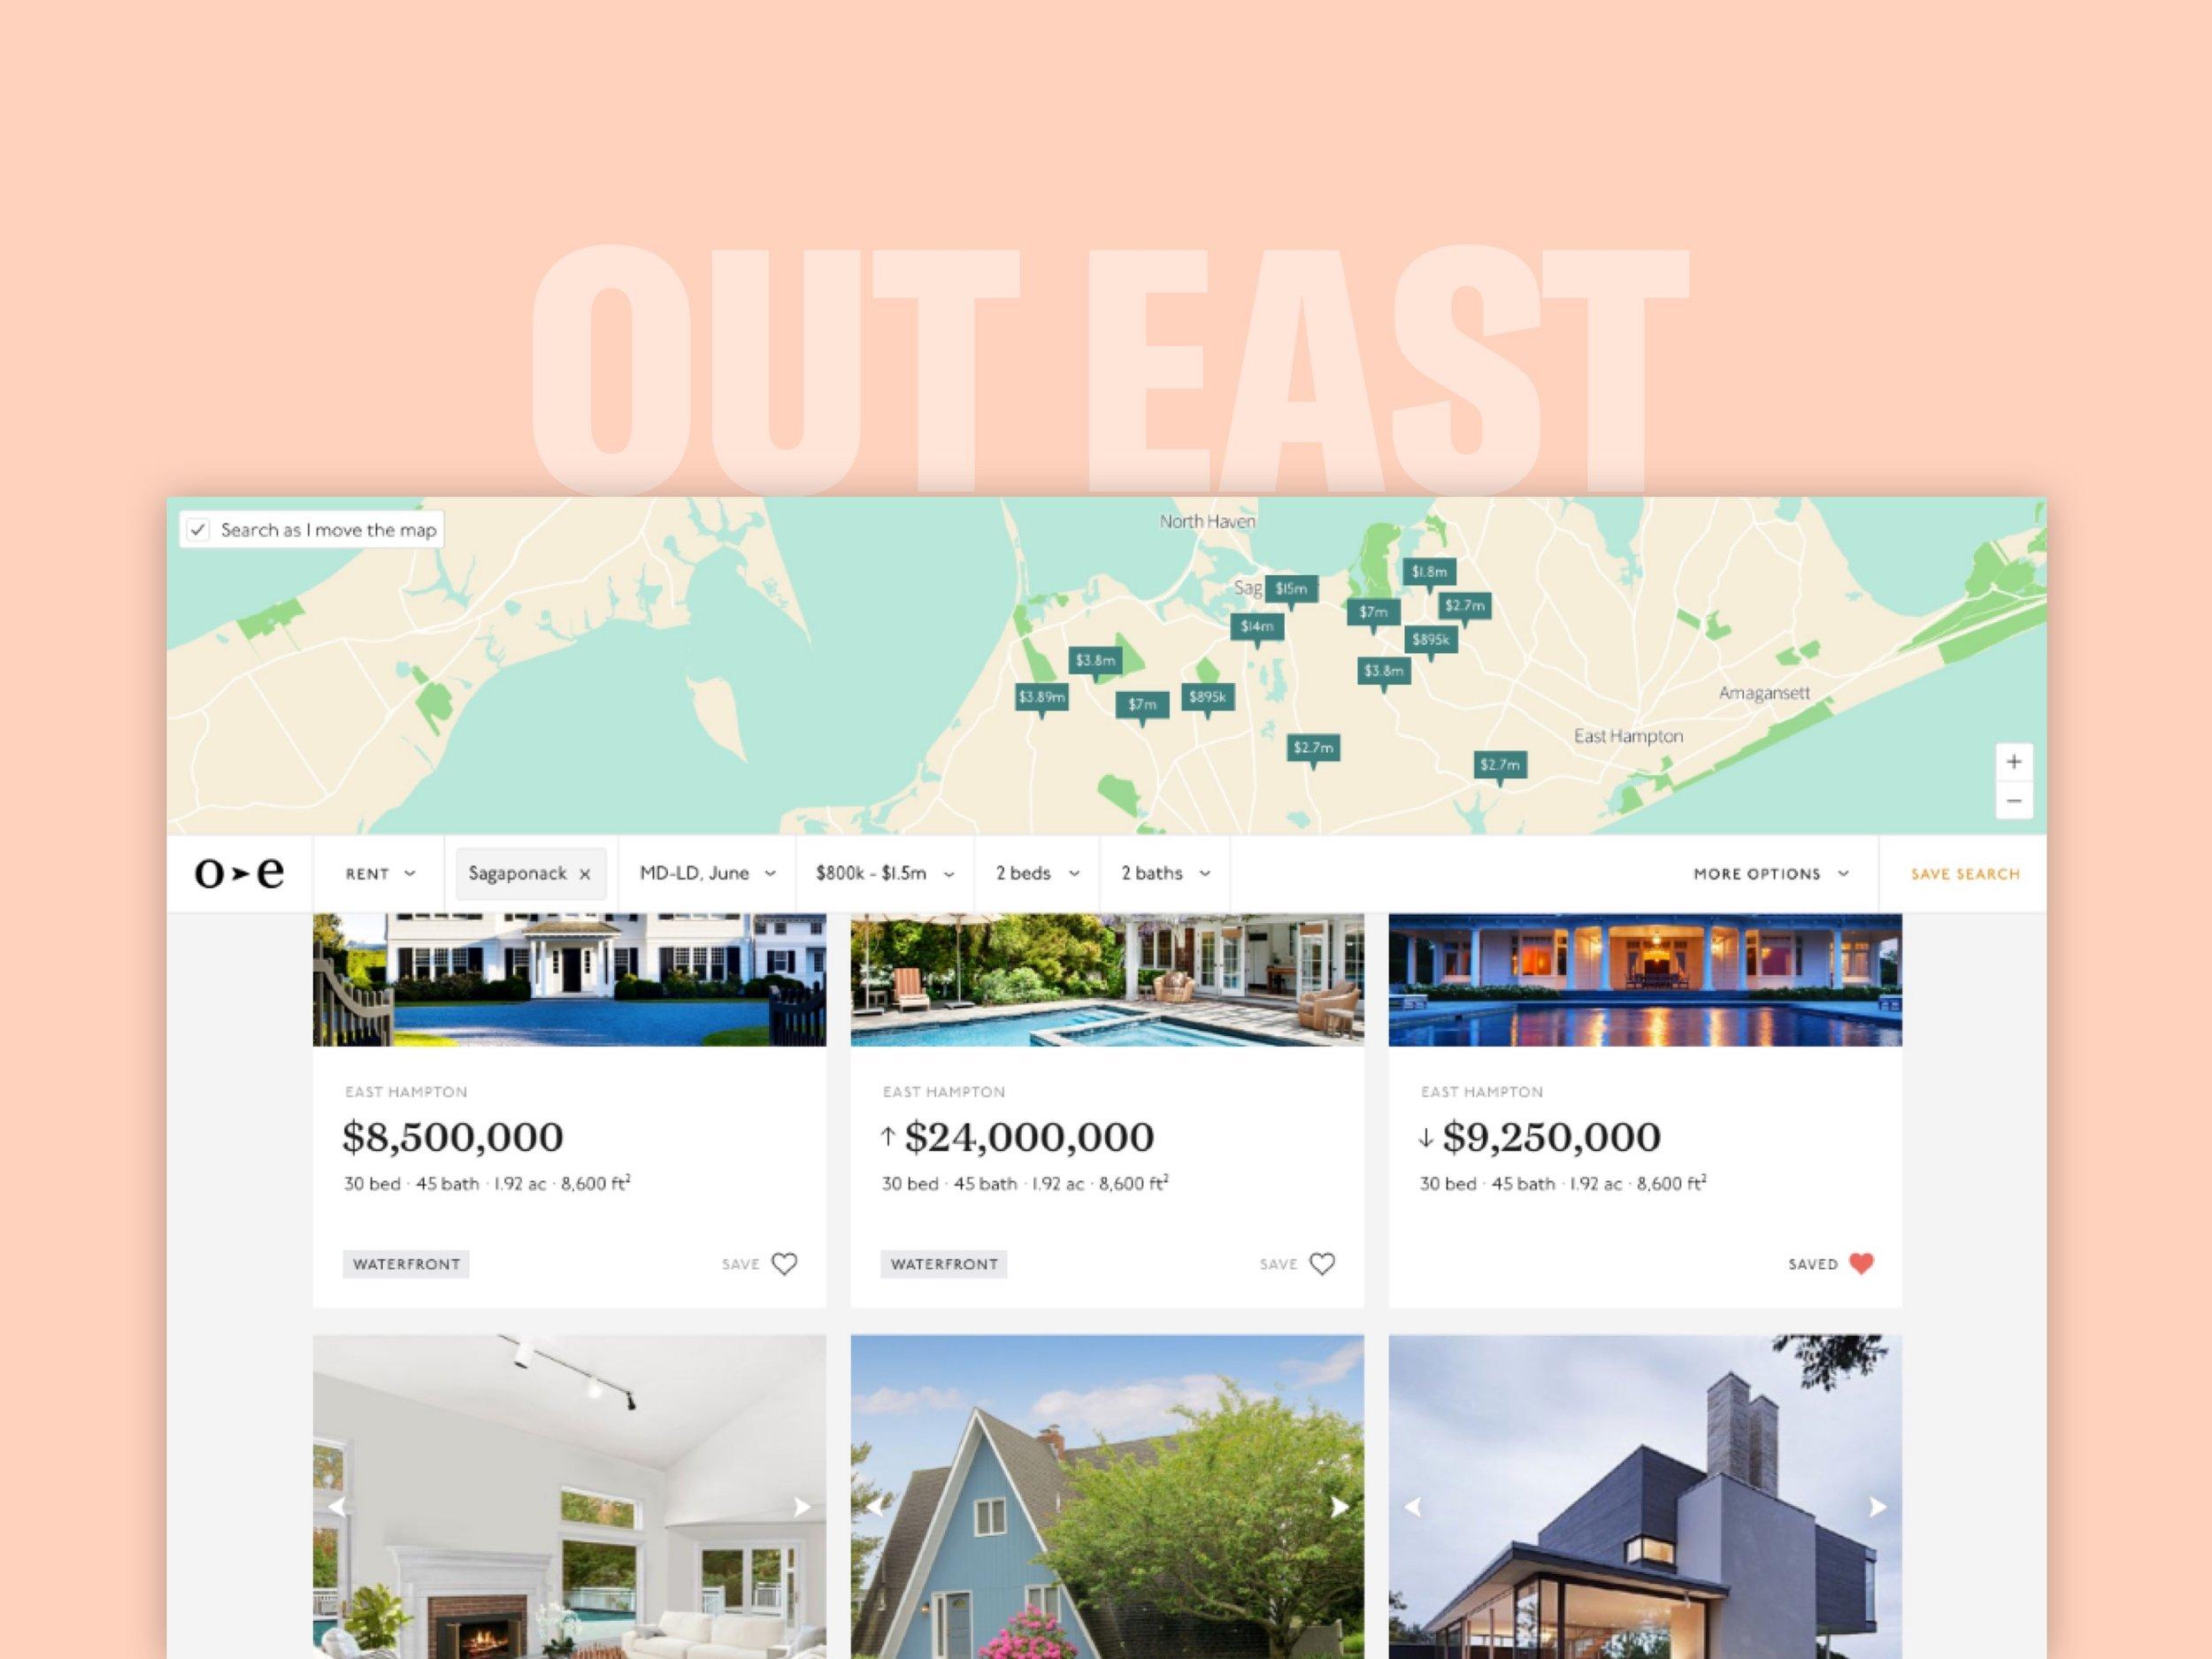 OutEast.jpg